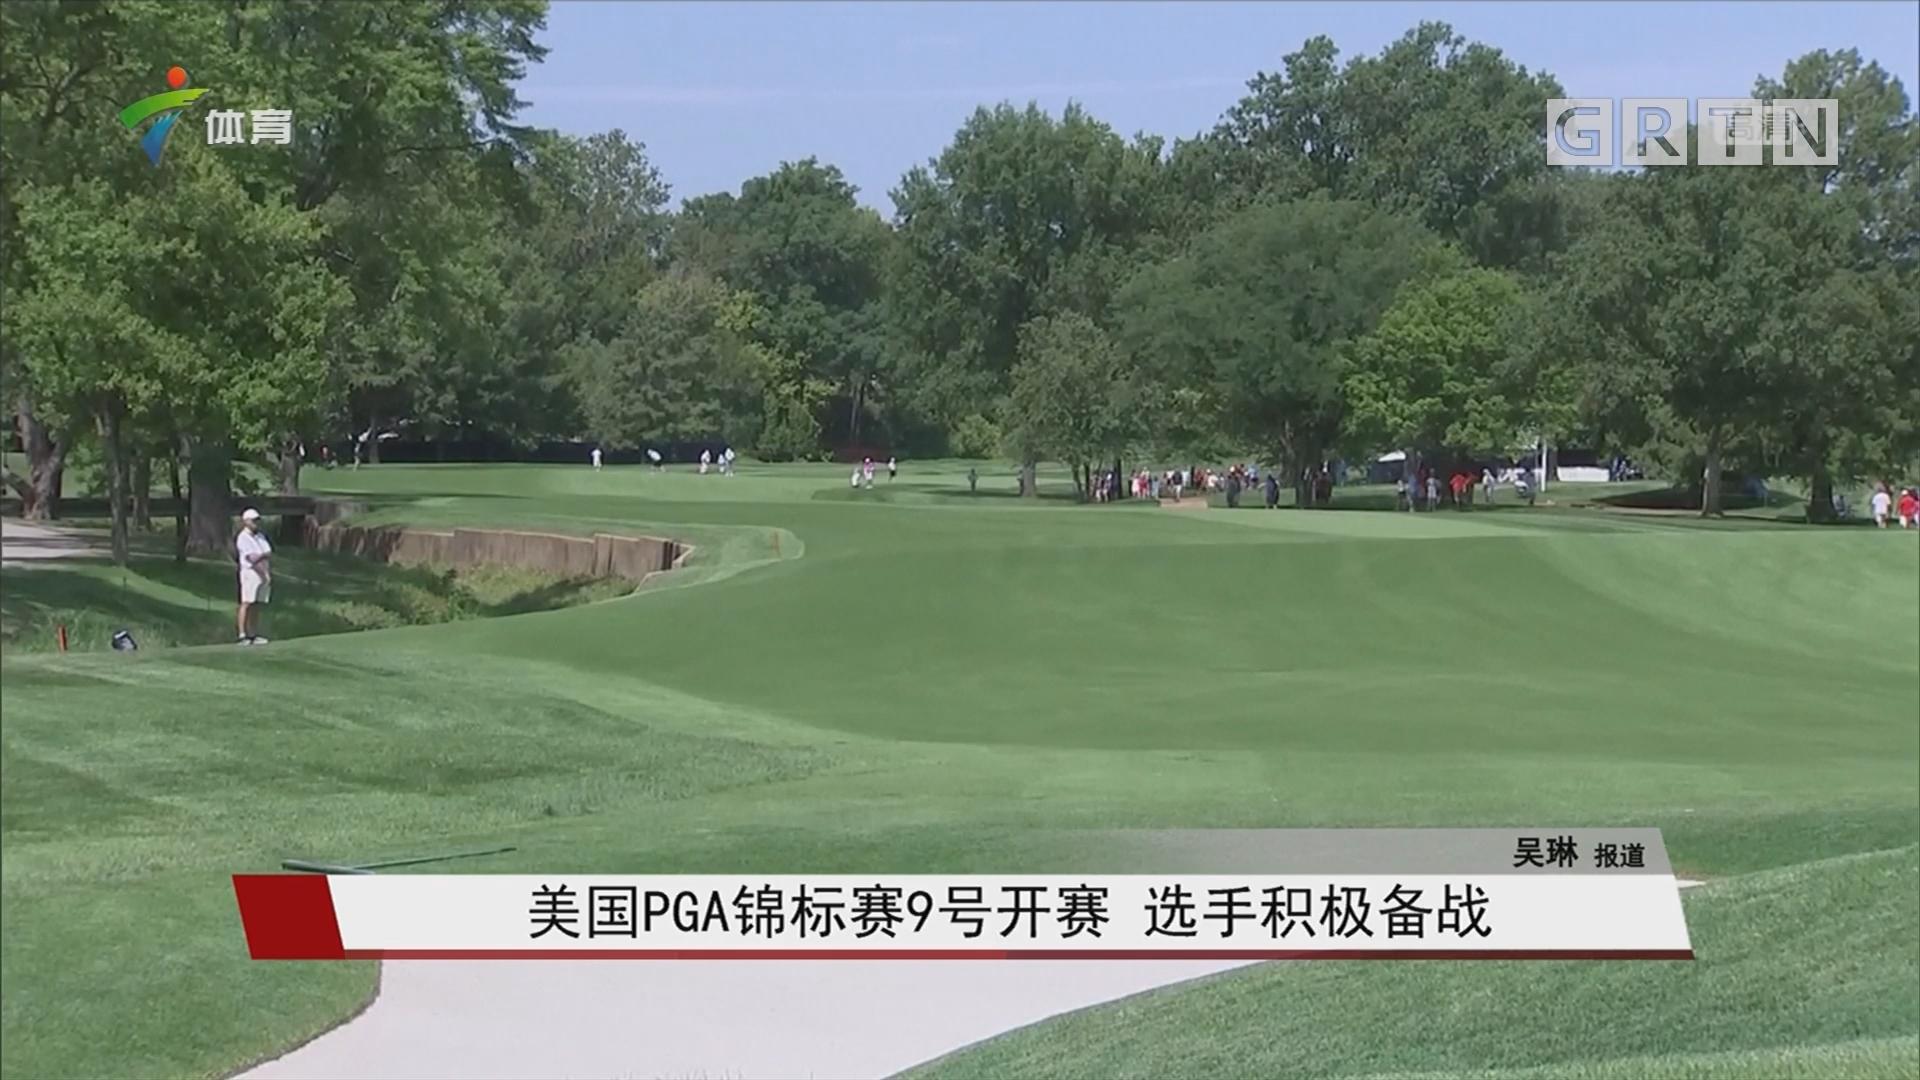 美国PGA锦标赛9号开赛 选手积极备战